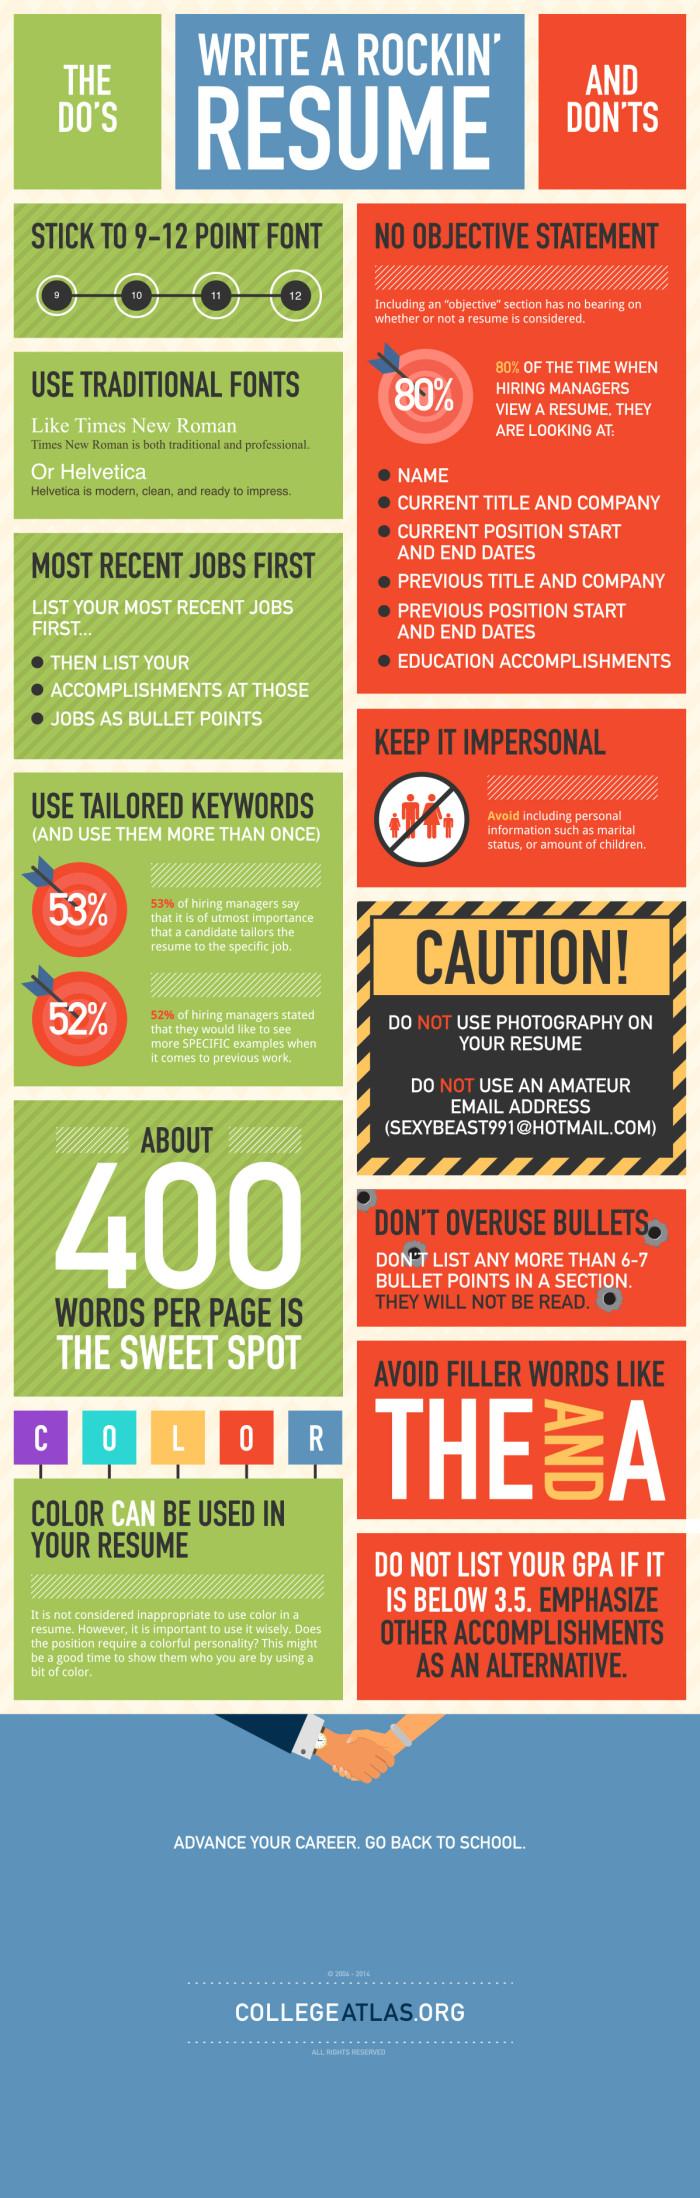 resume-infographic